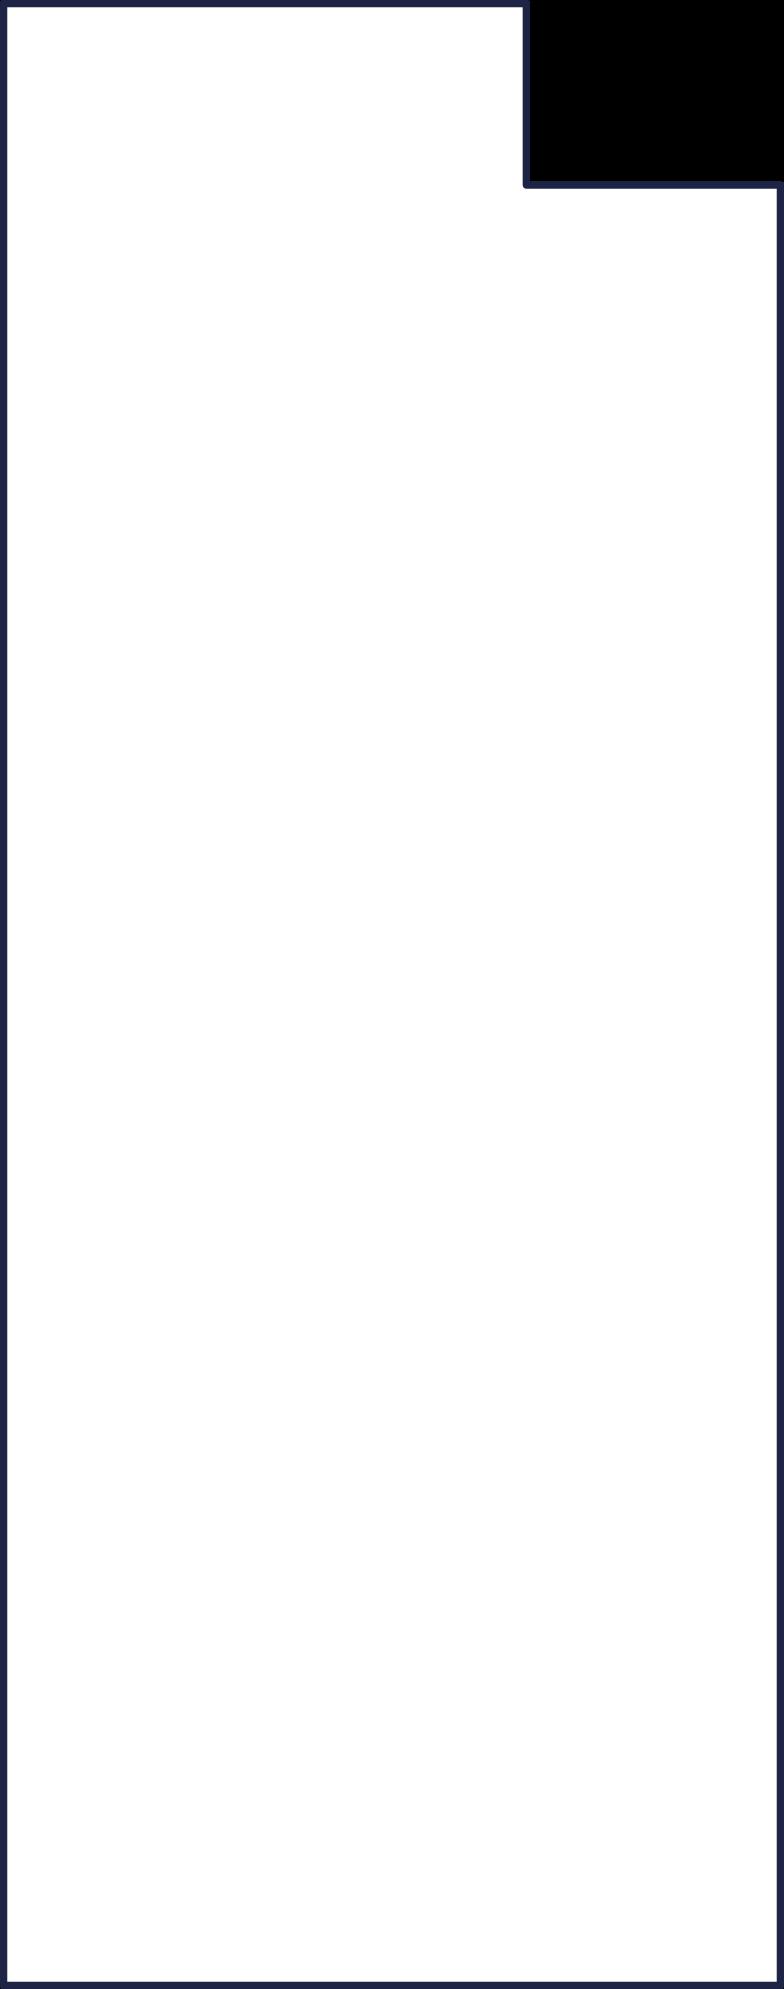 building 2 line Clipart illustration in PNG, SVG